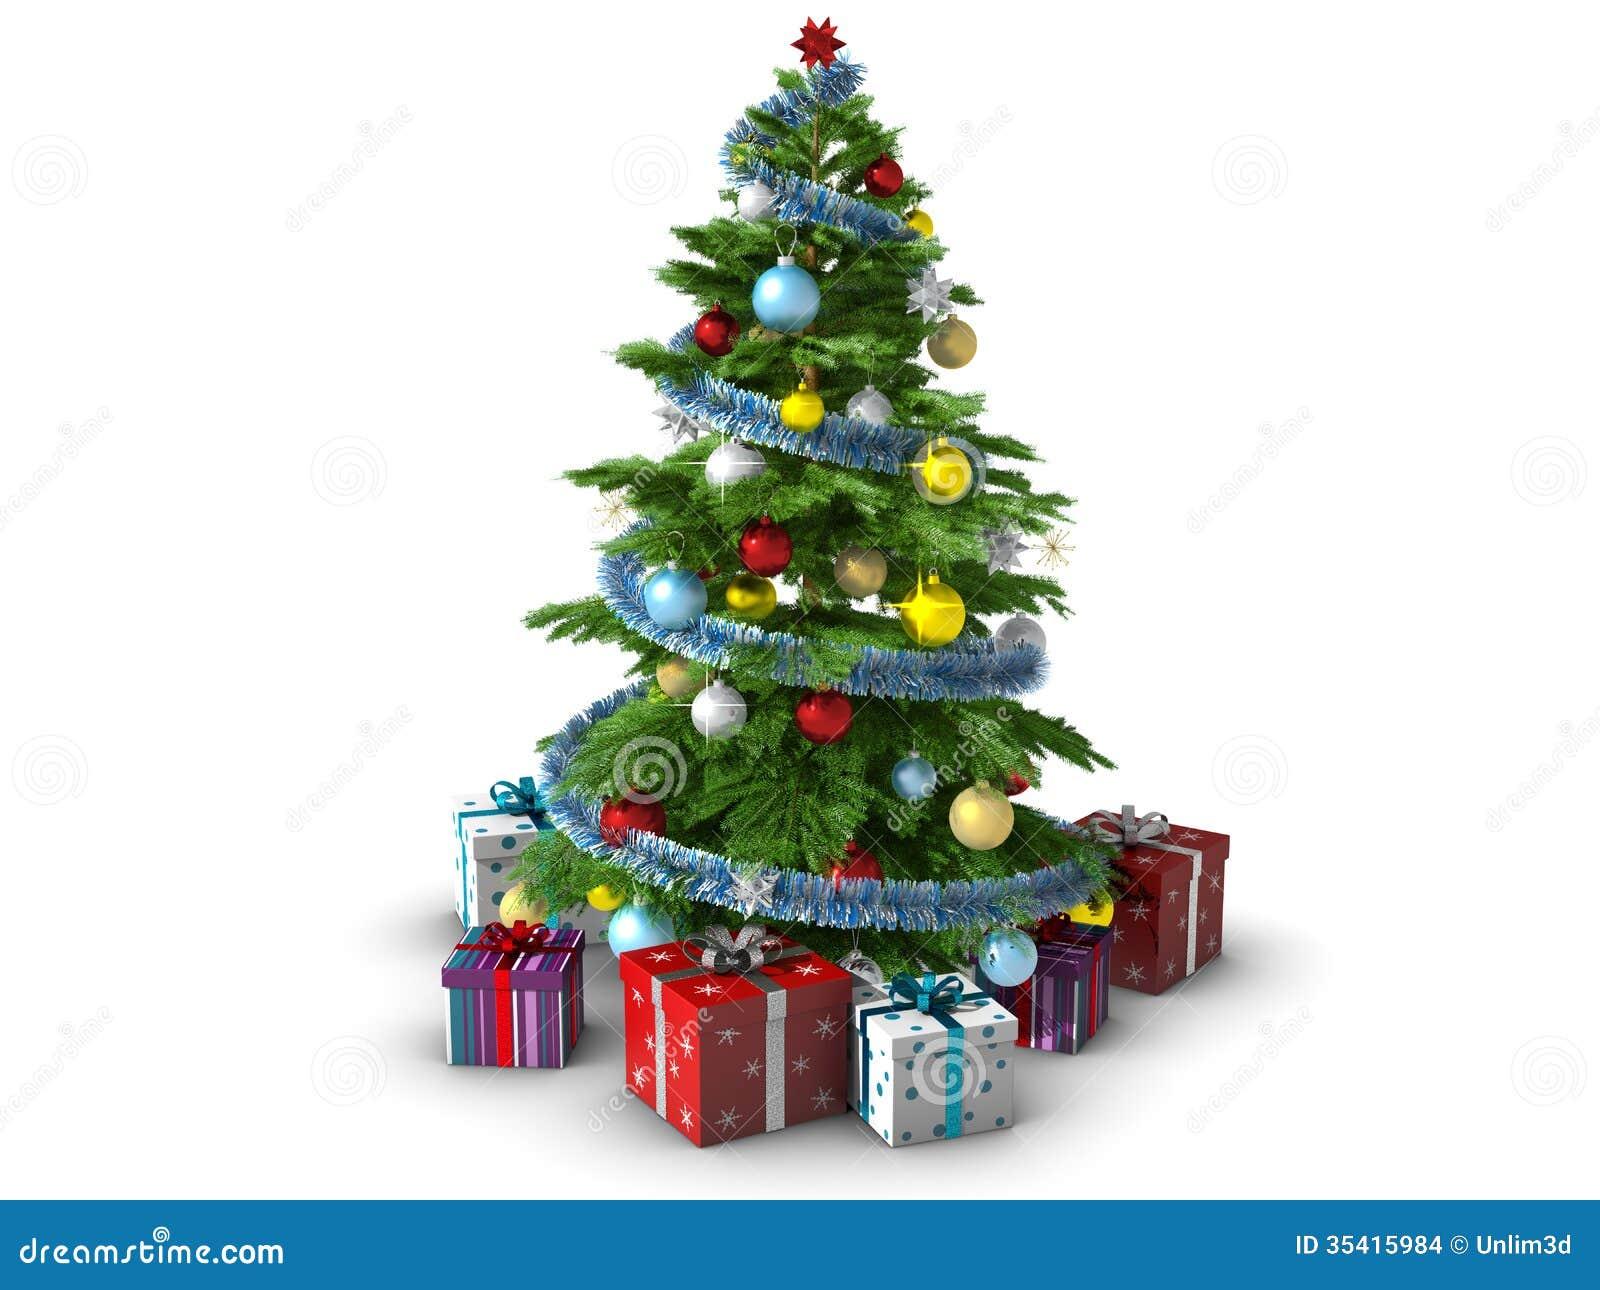 Christmas tree isolated on white background stock images image